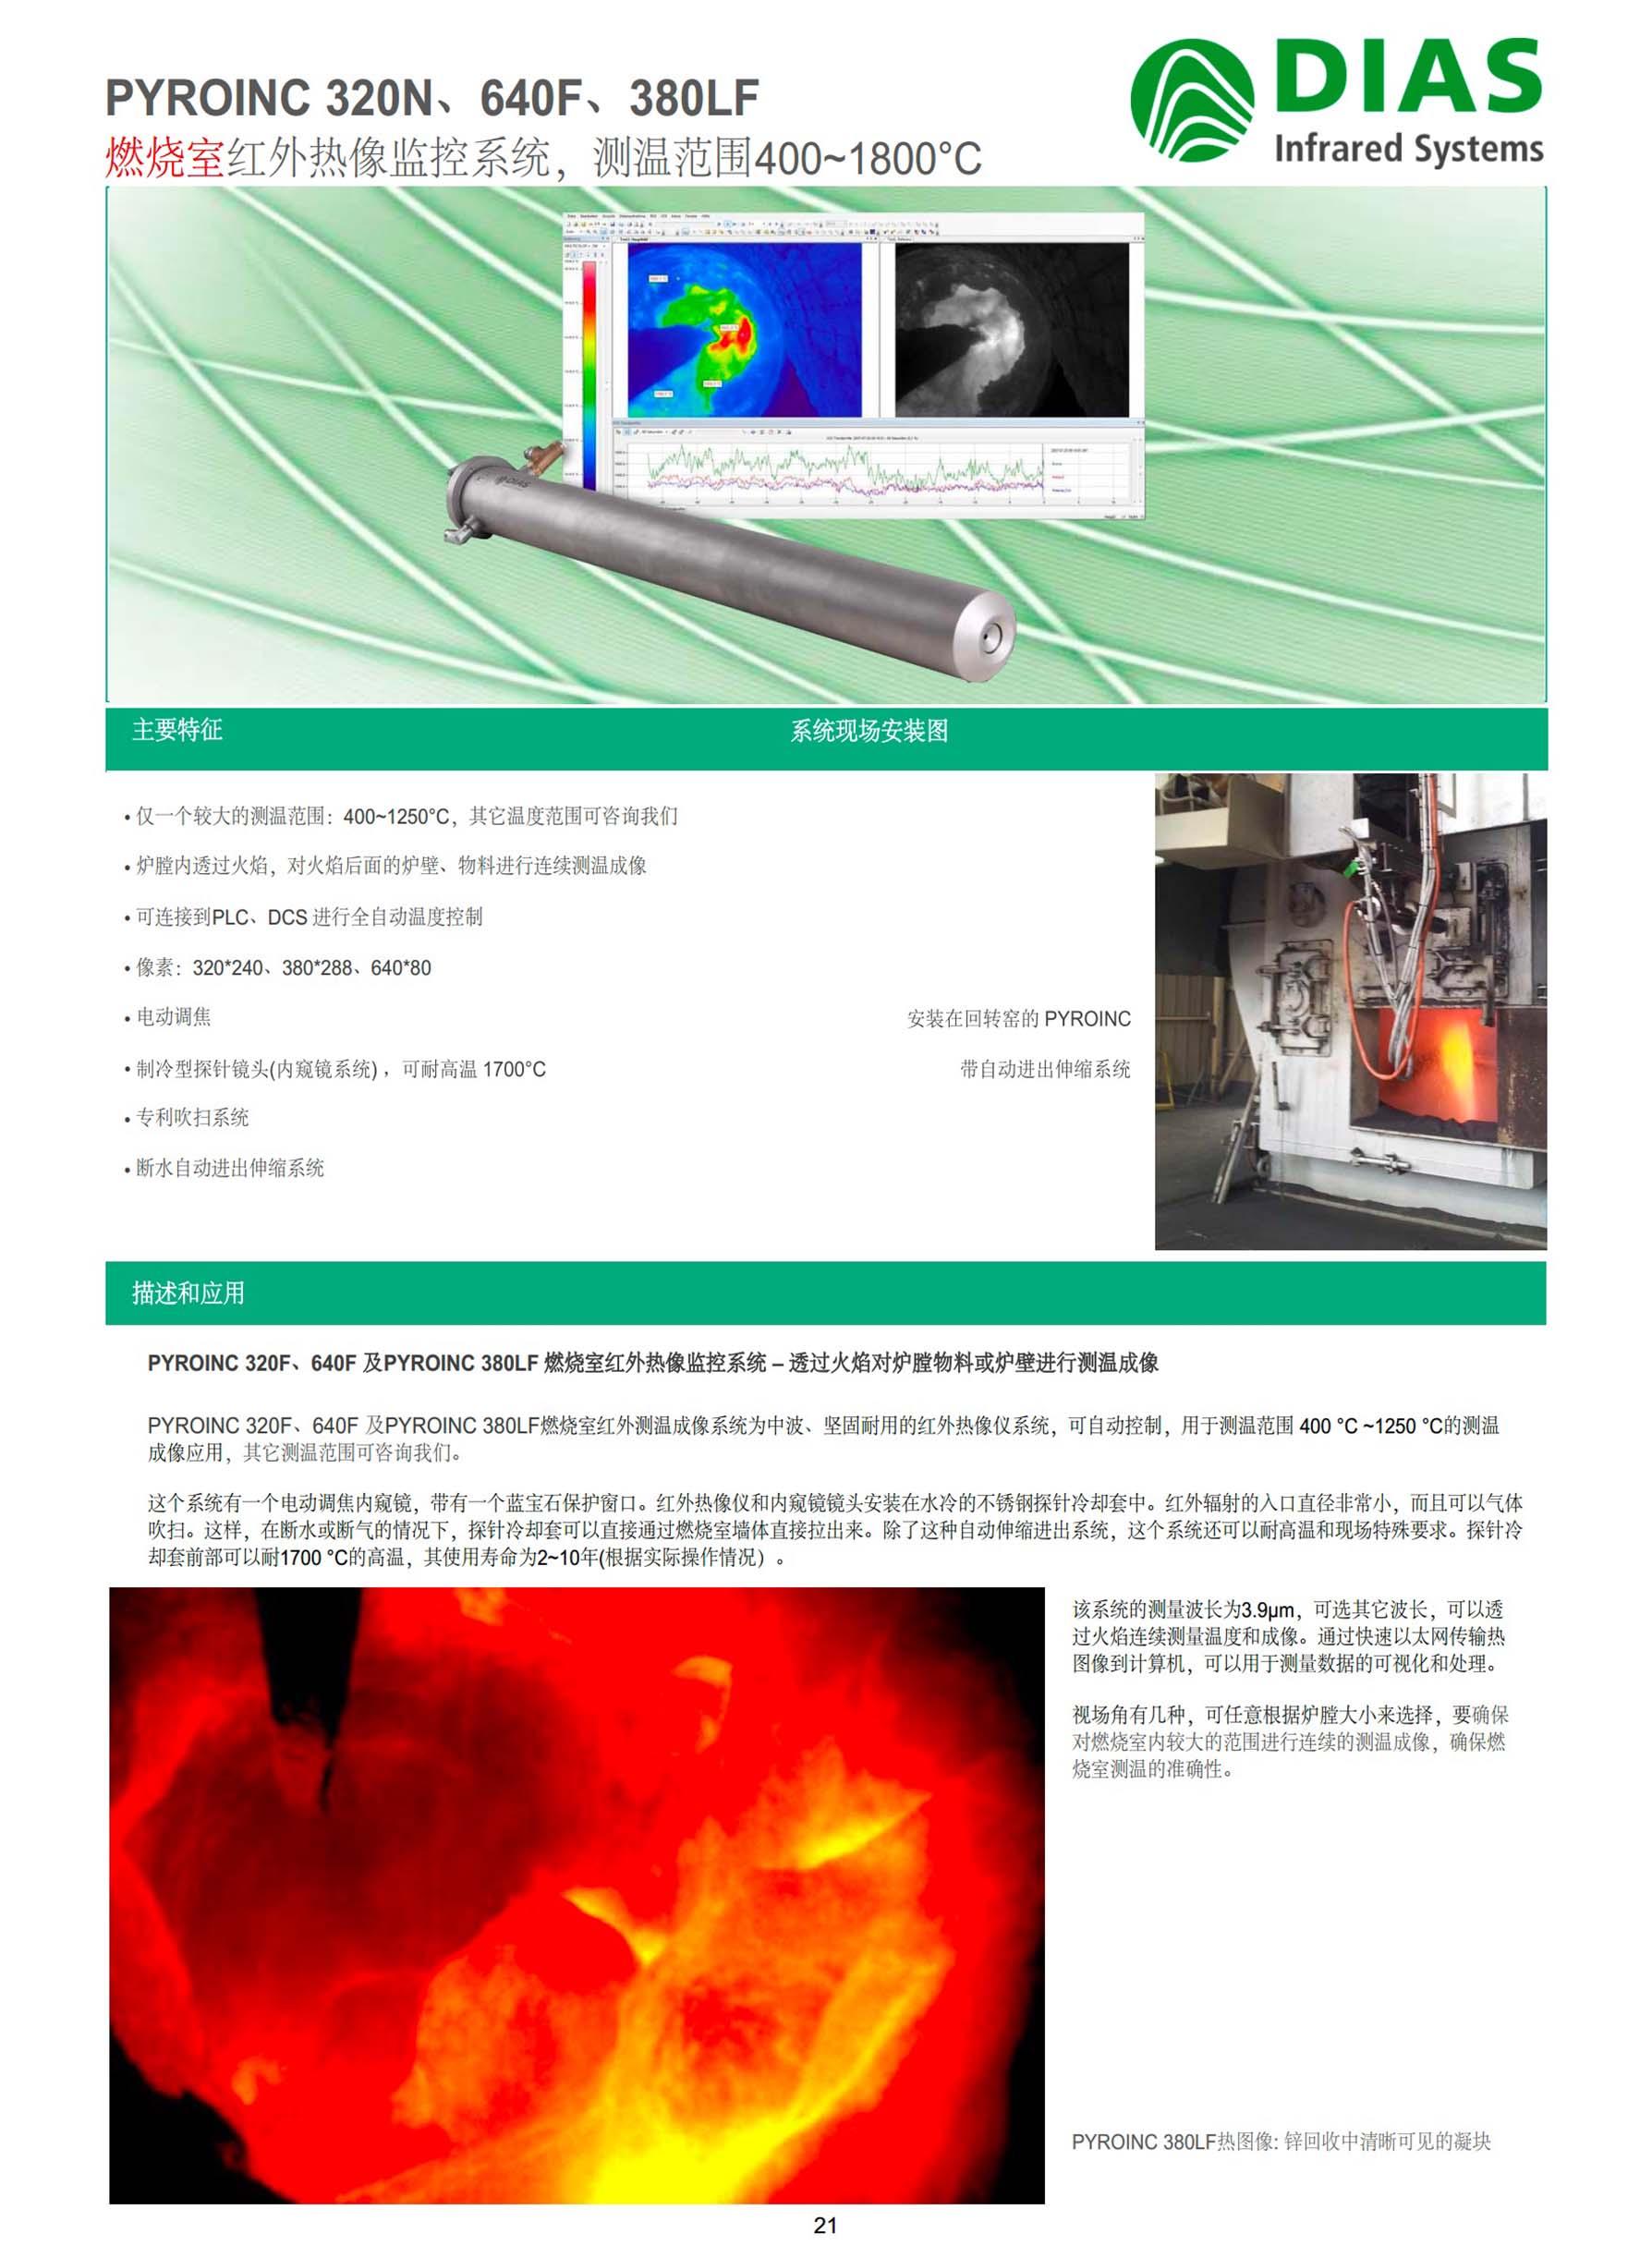 德国DIAS燃烧室红外测温成像系统